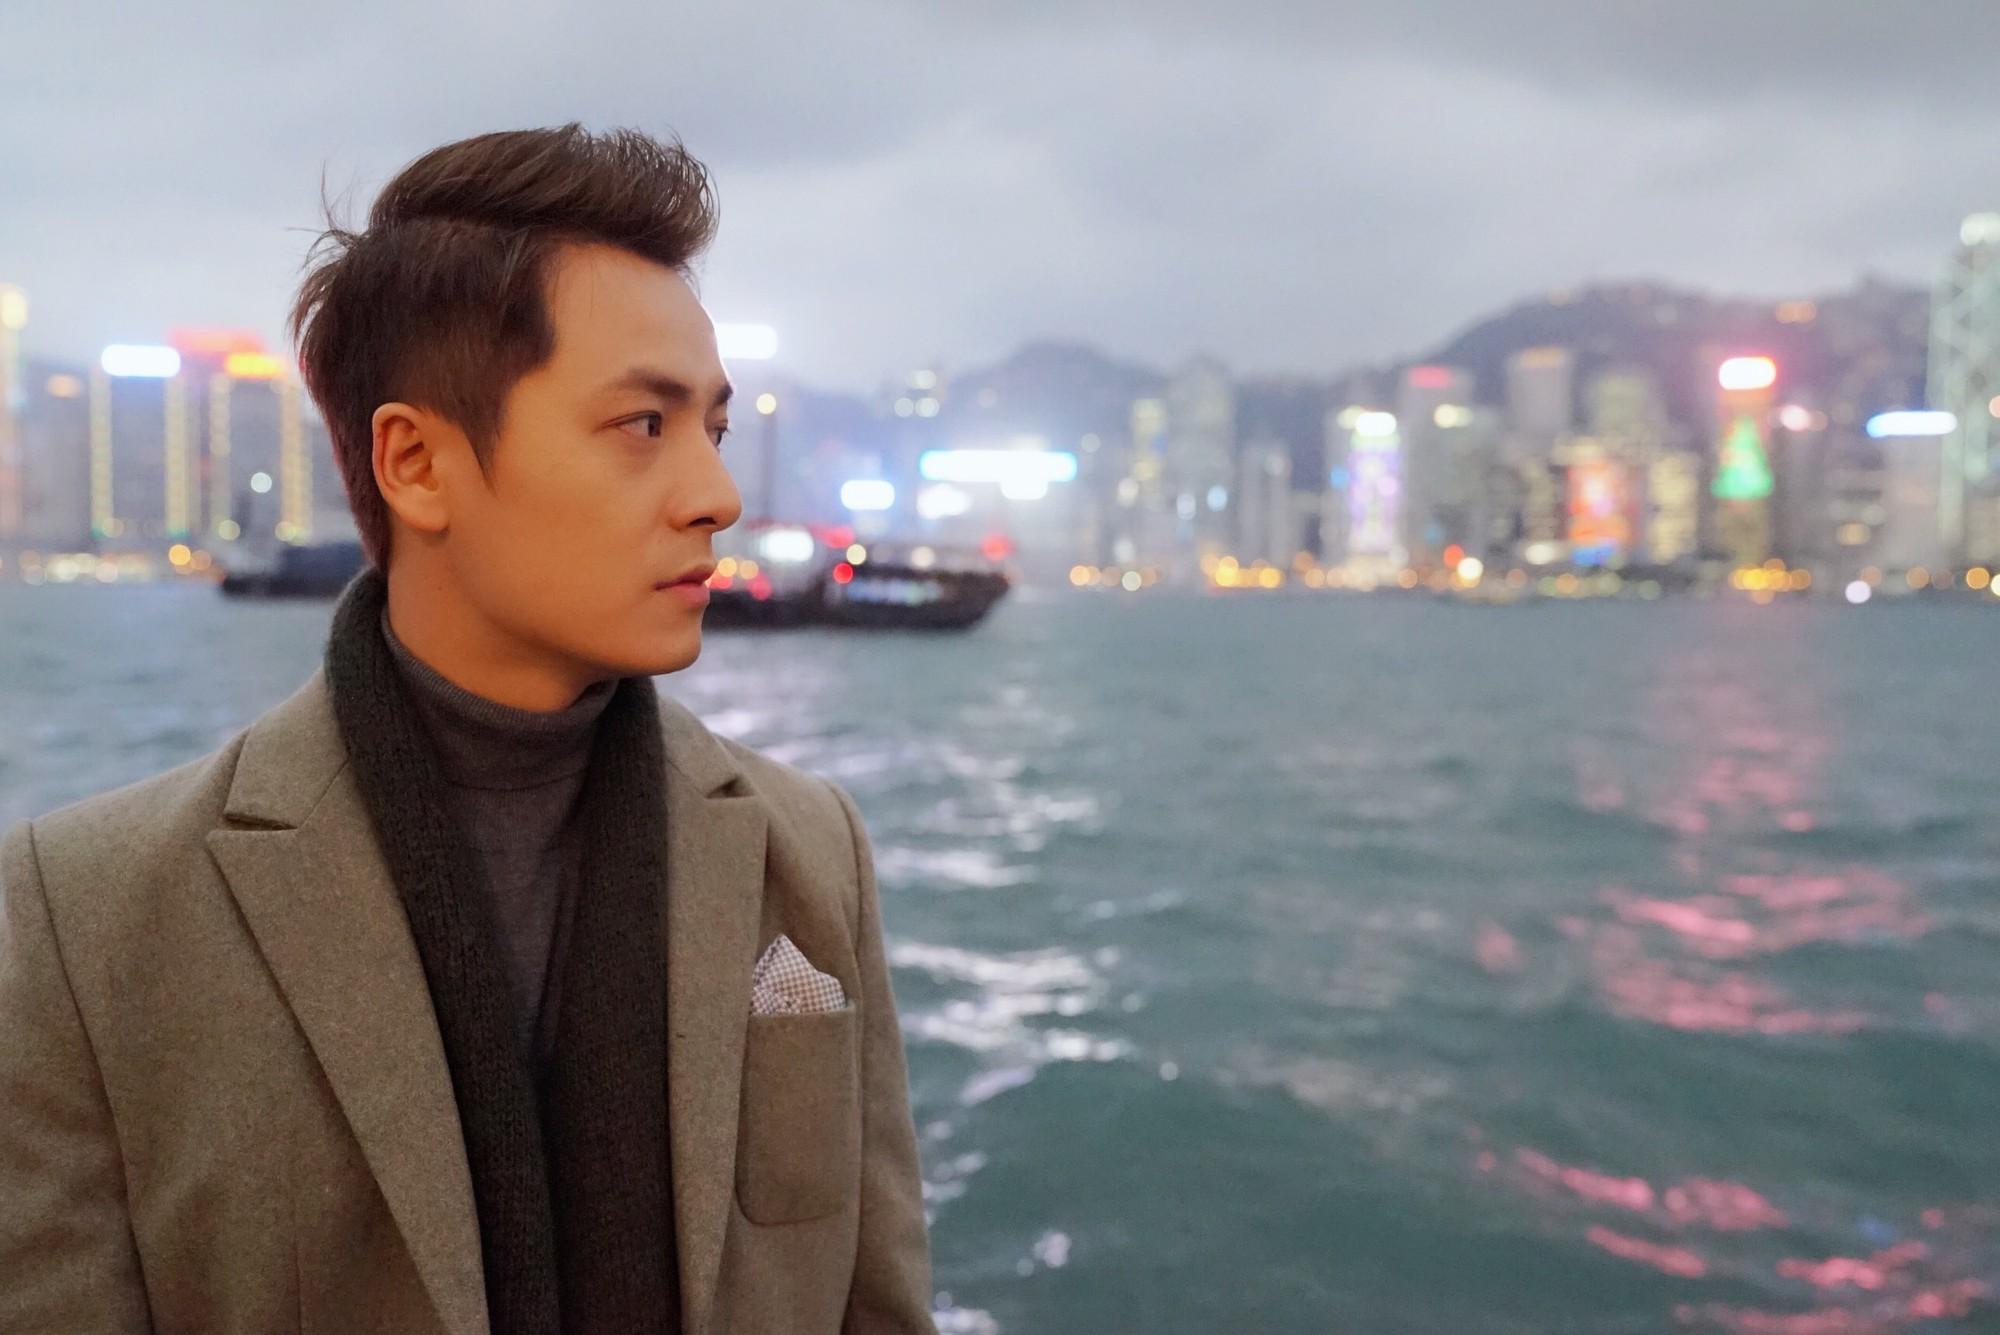 Đăng Khôi cùng em gái mưa Thanh Vy kể chuyện tình đúng người, sai thời điểm trong MV mới - Ảnh 2.